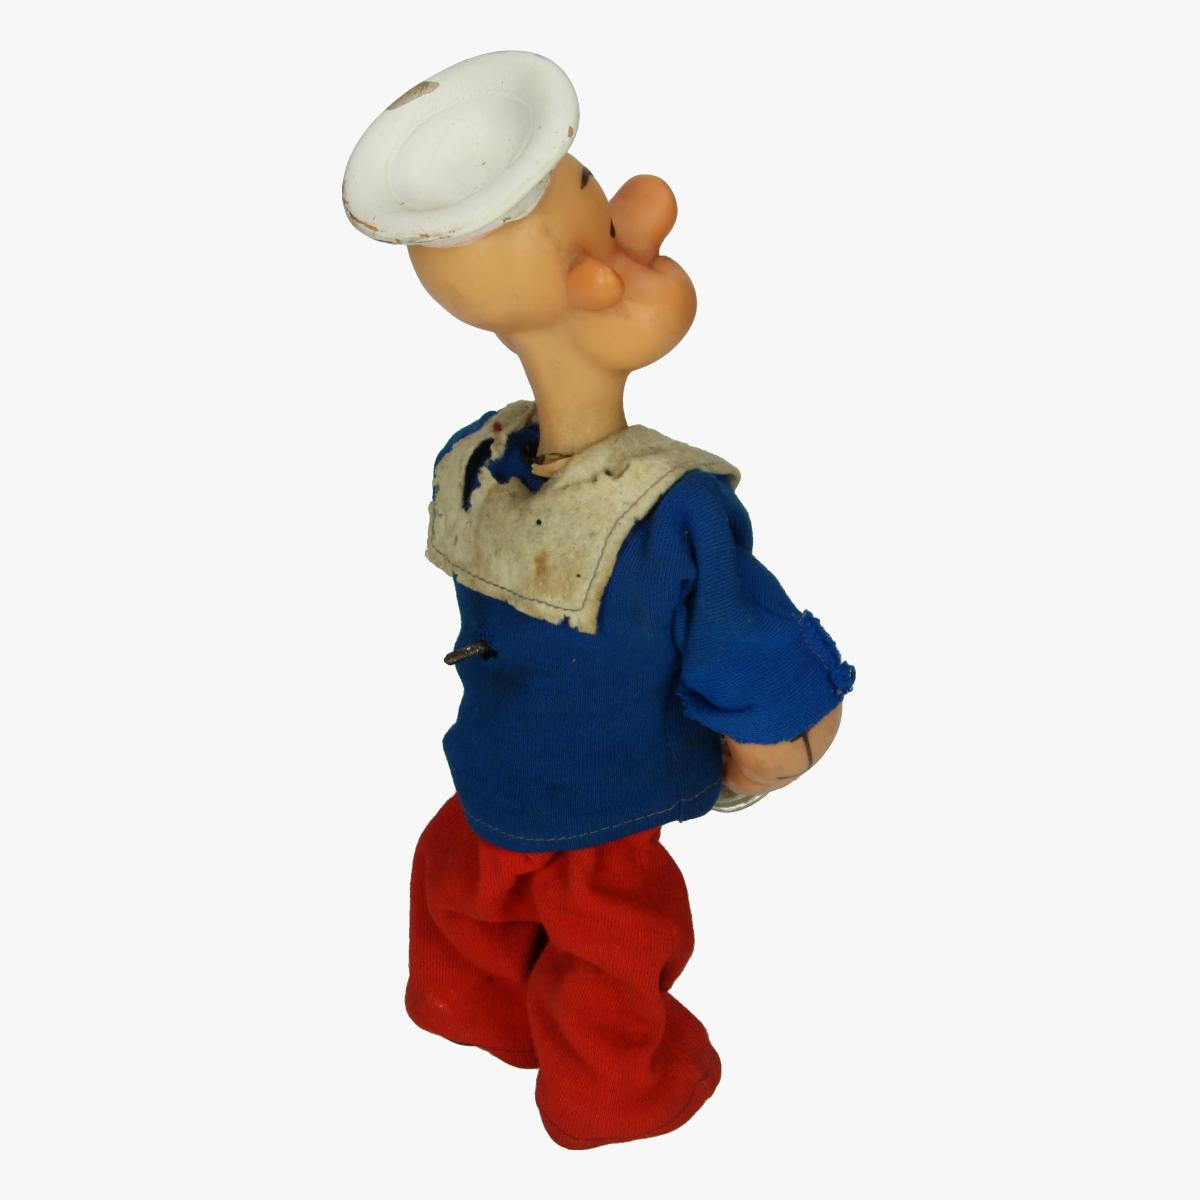 Afbeeldingen van Popeye opwindpop 1967 K.F.S.